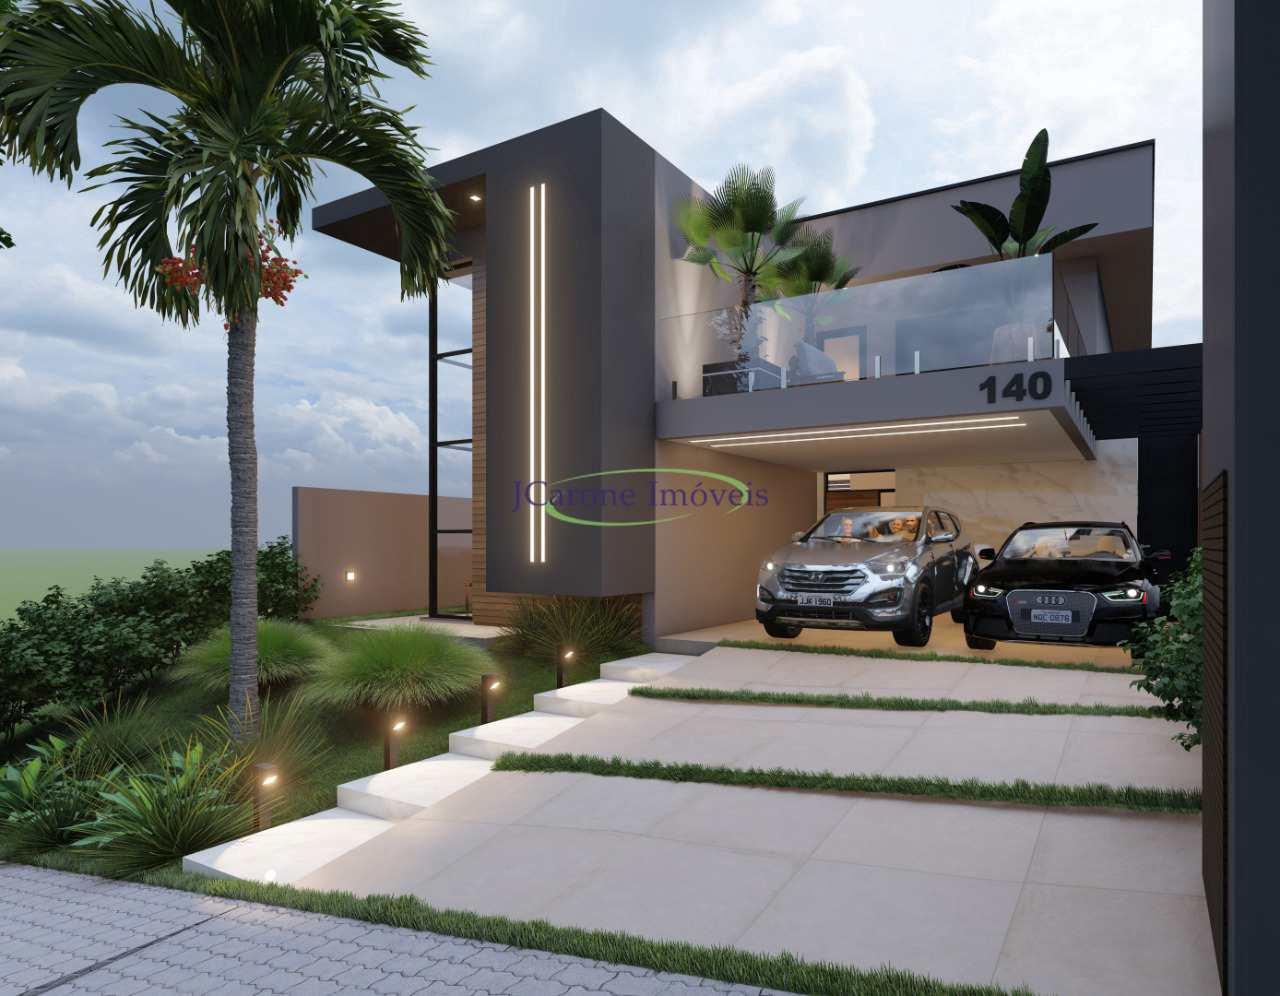 Casa com 4 dorms, Condomínio Residencial Reserva de Atibaia, Atibaia - R$ 1.35 mi, Cod: 64152926